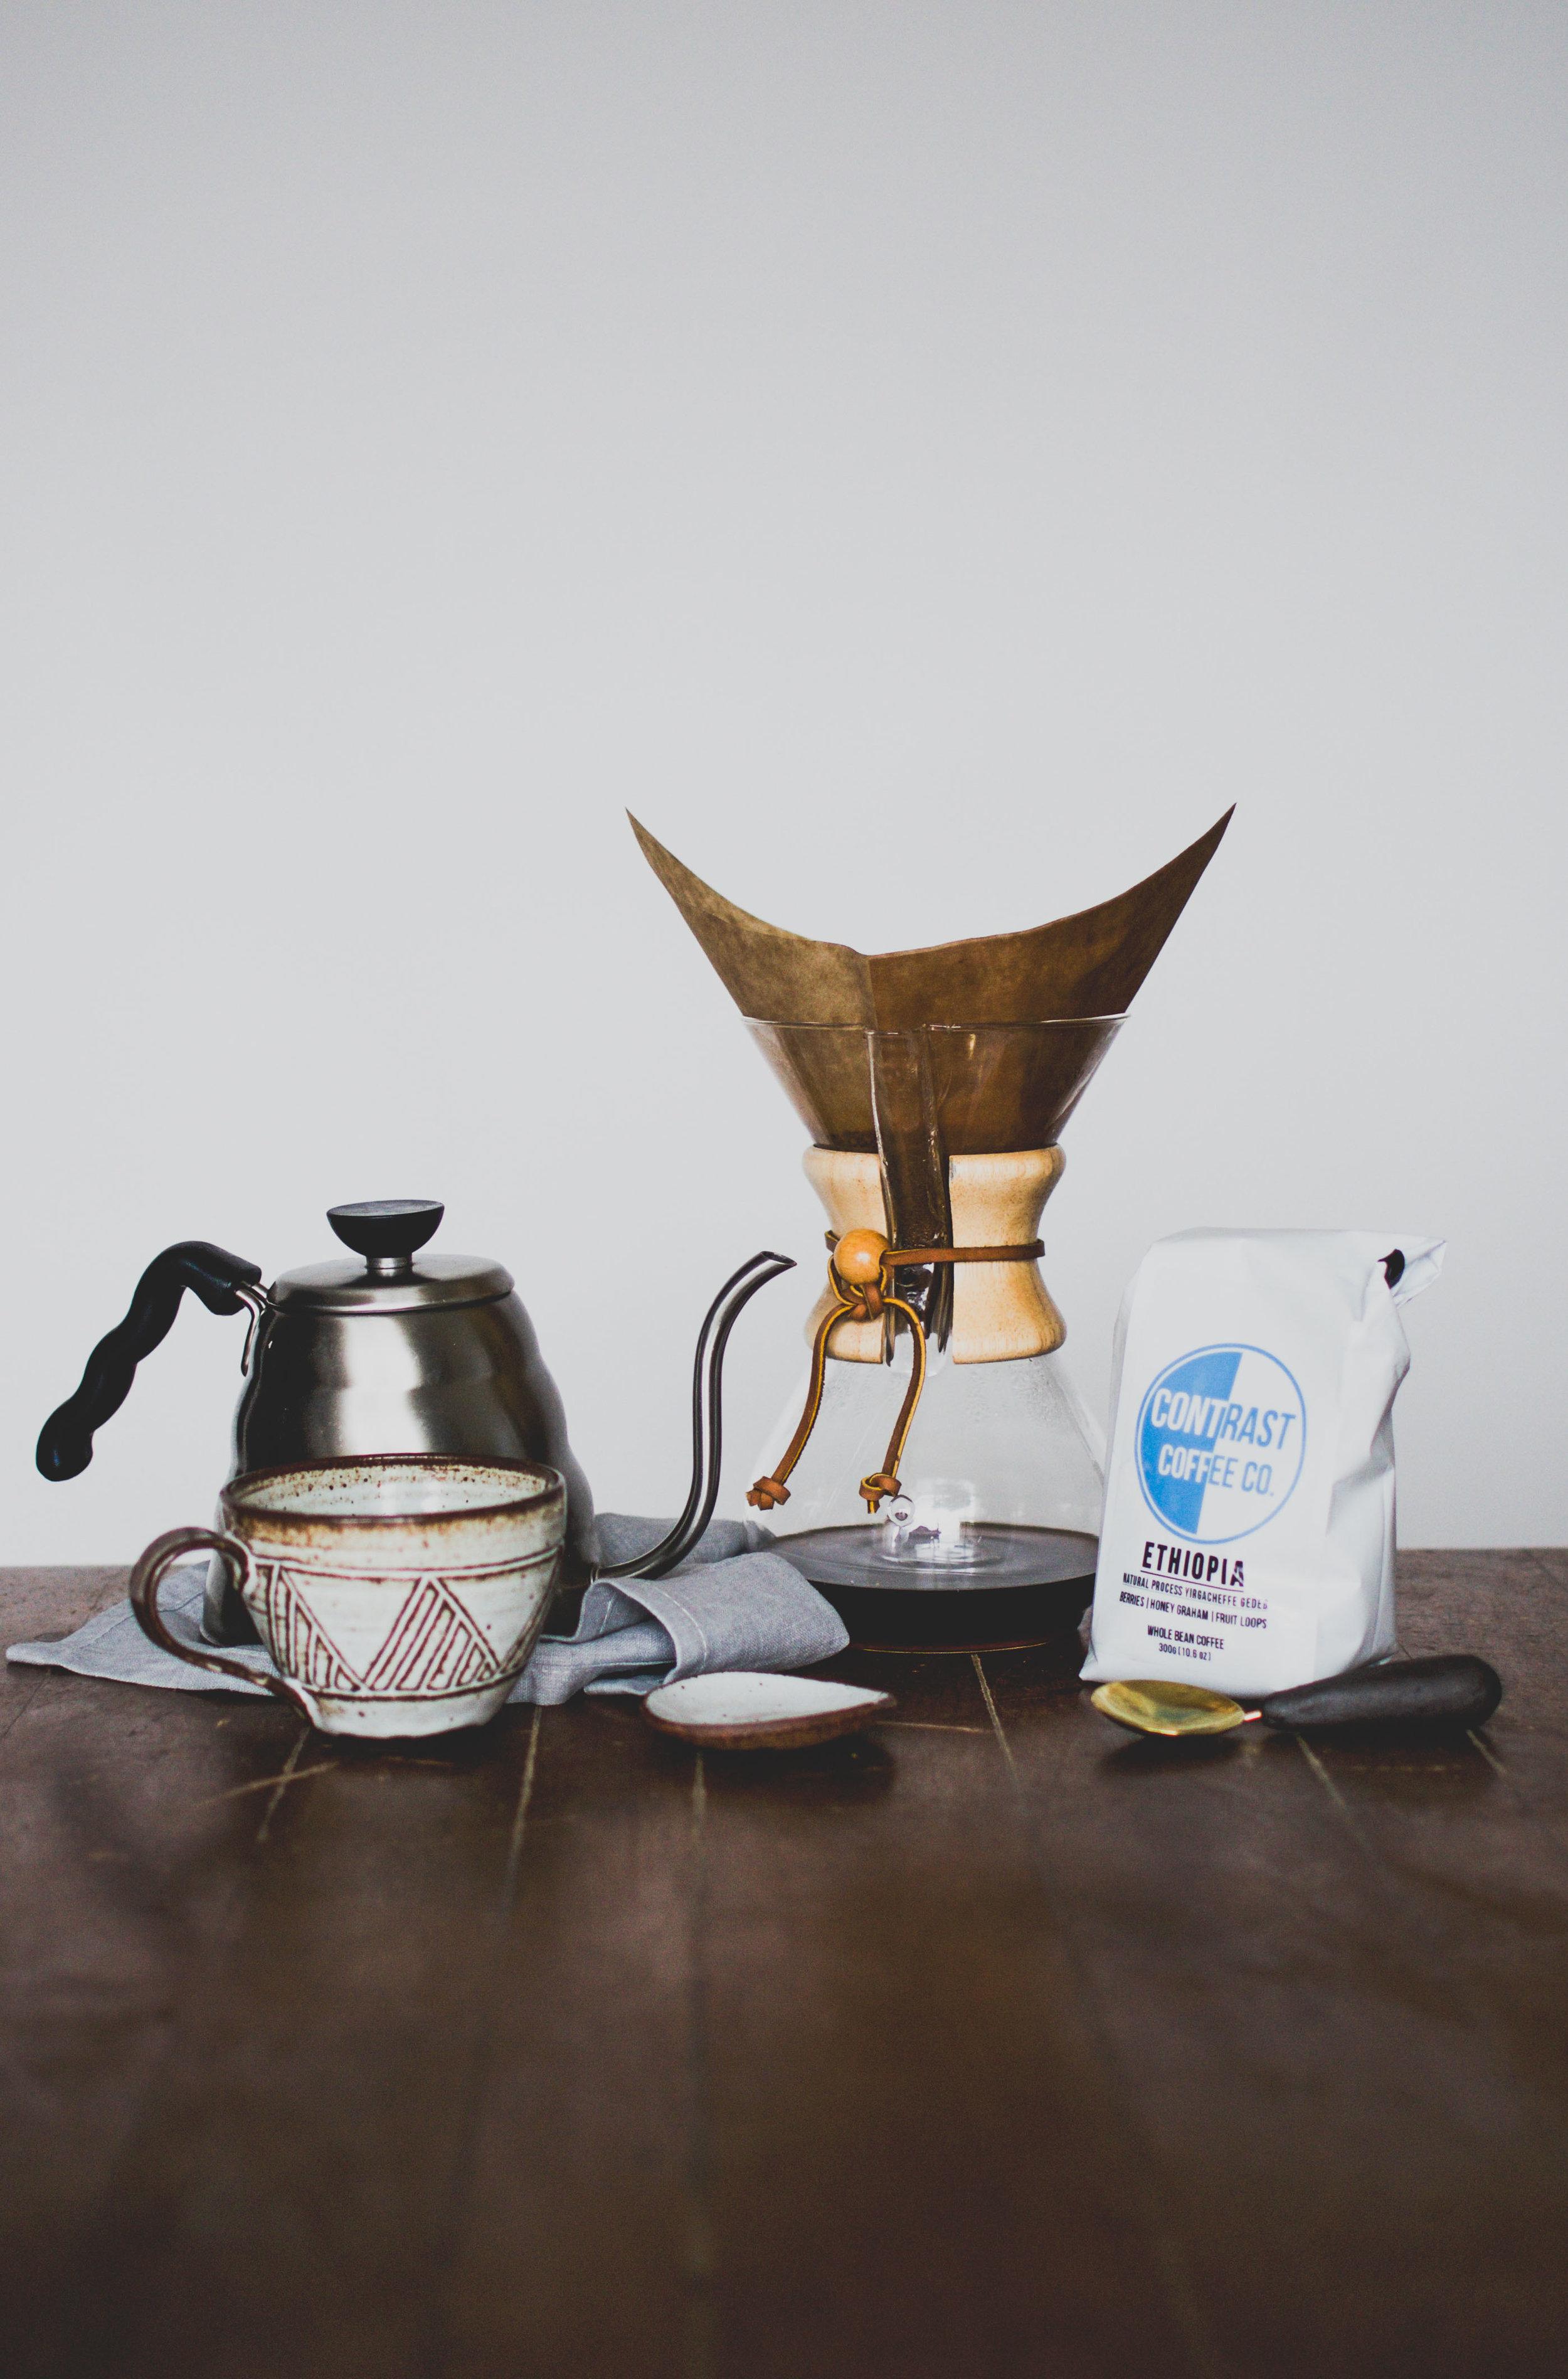 Wendling_Boyd_Daily_Brew_Coffee_Day_Contrast_Coffee-5.jpg